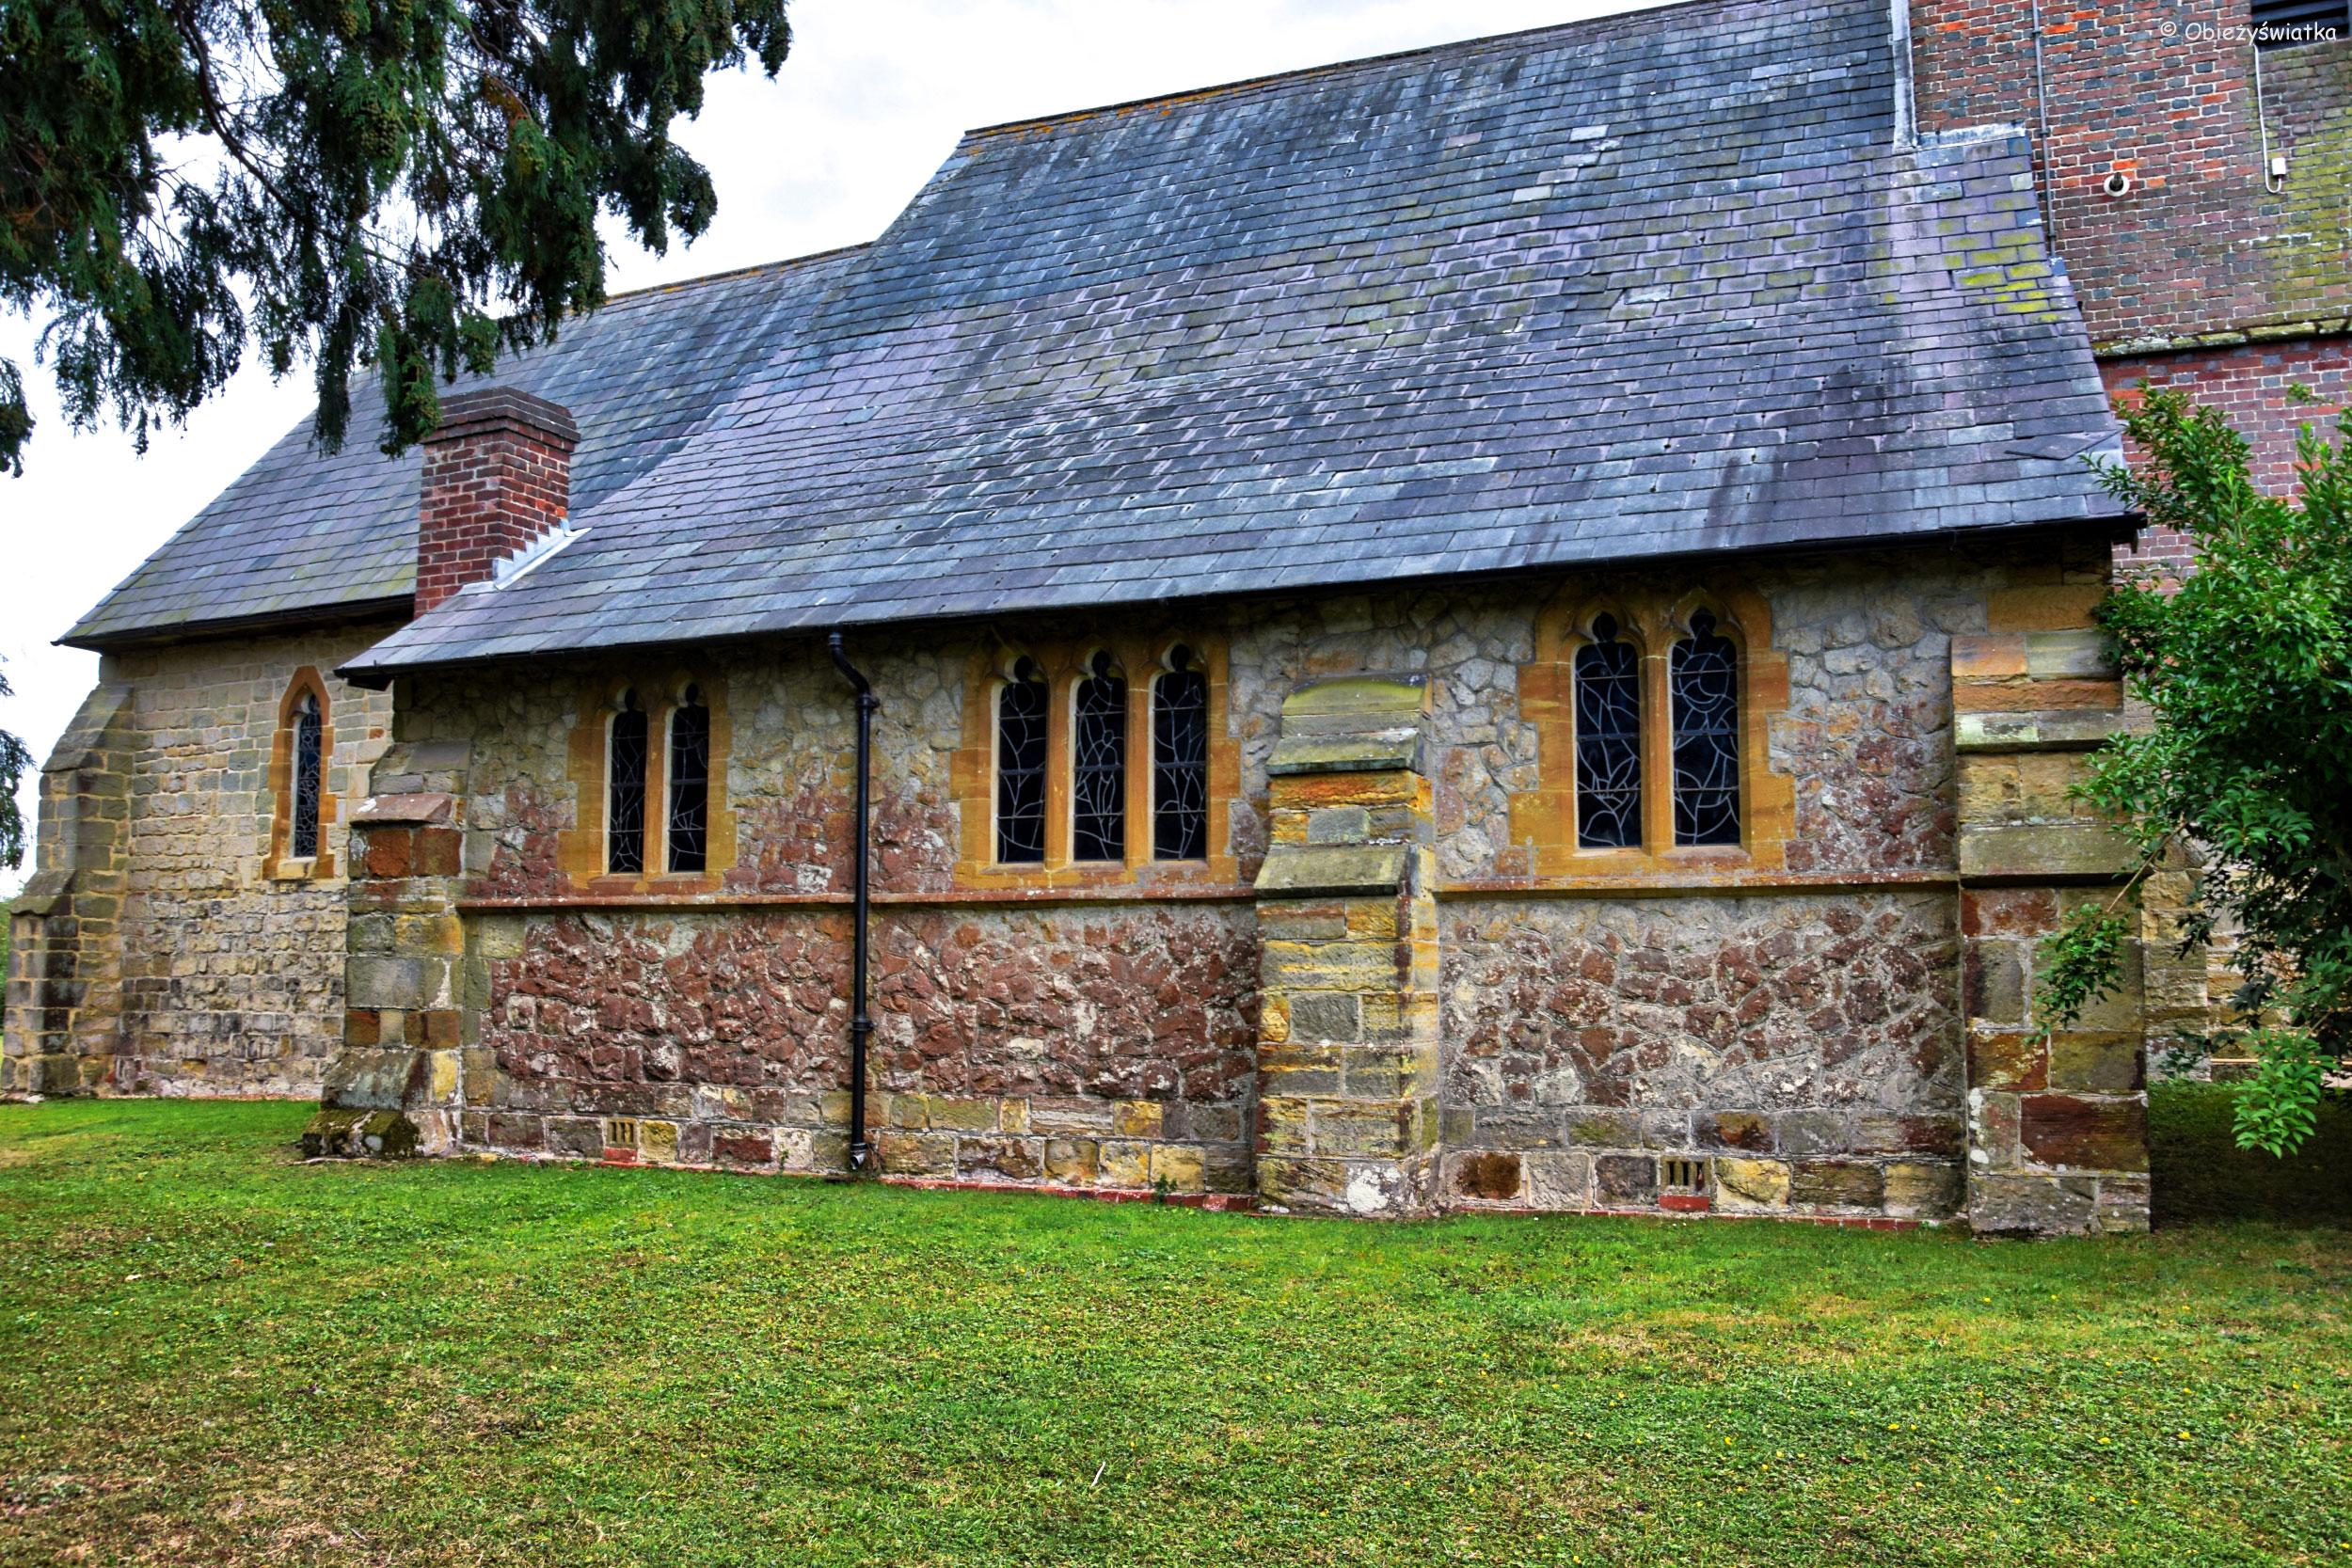 Kościółek w Tudeley, z witrażami Marca Chagalla, Wielka Brytania